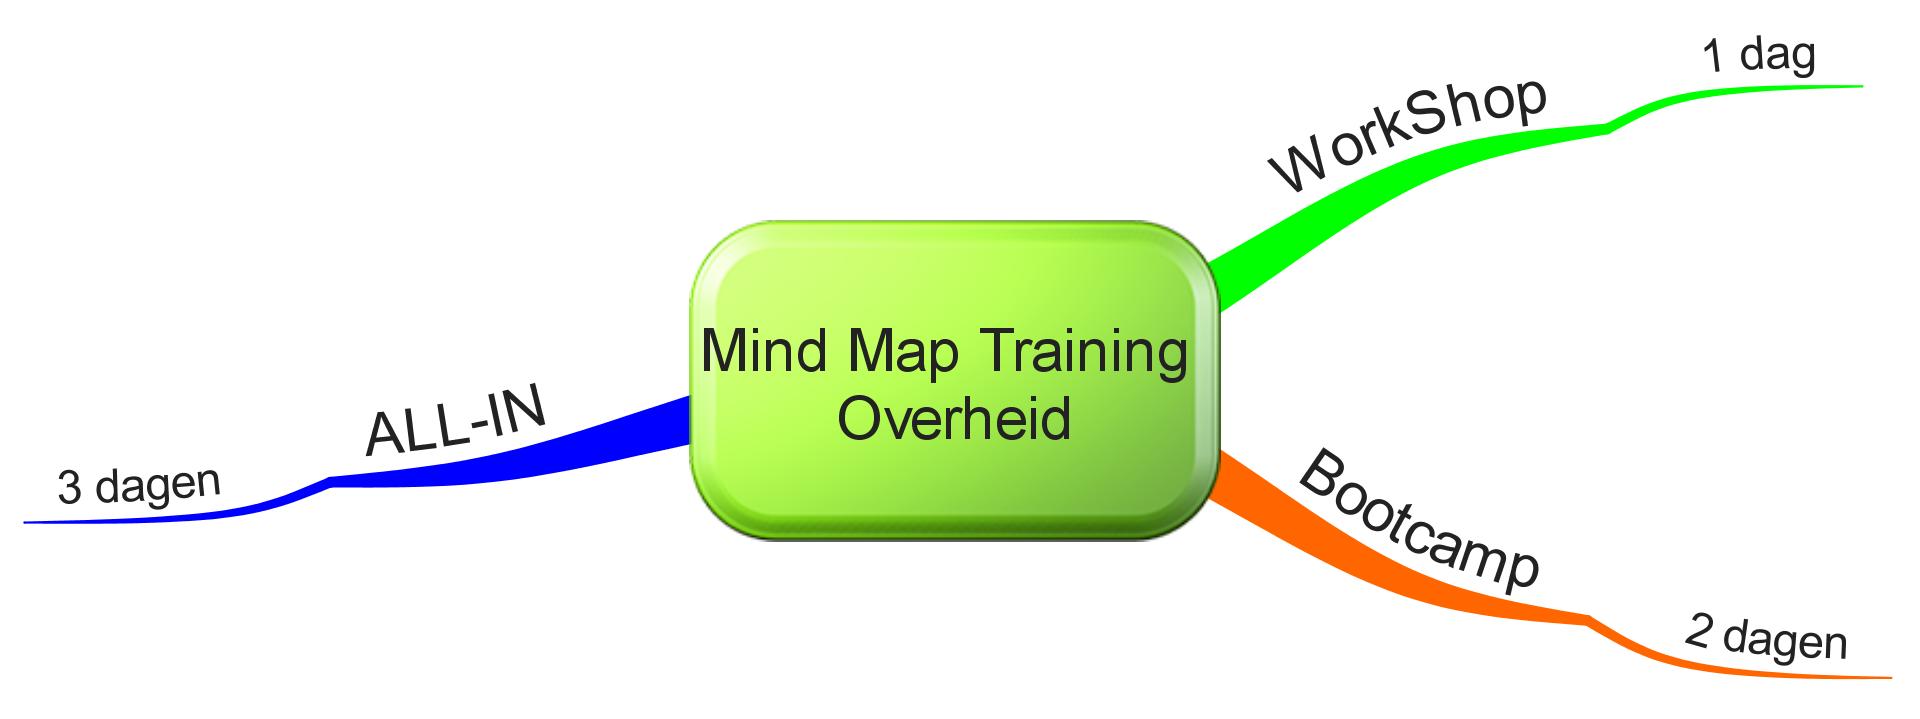 Mind Map Training Overheid